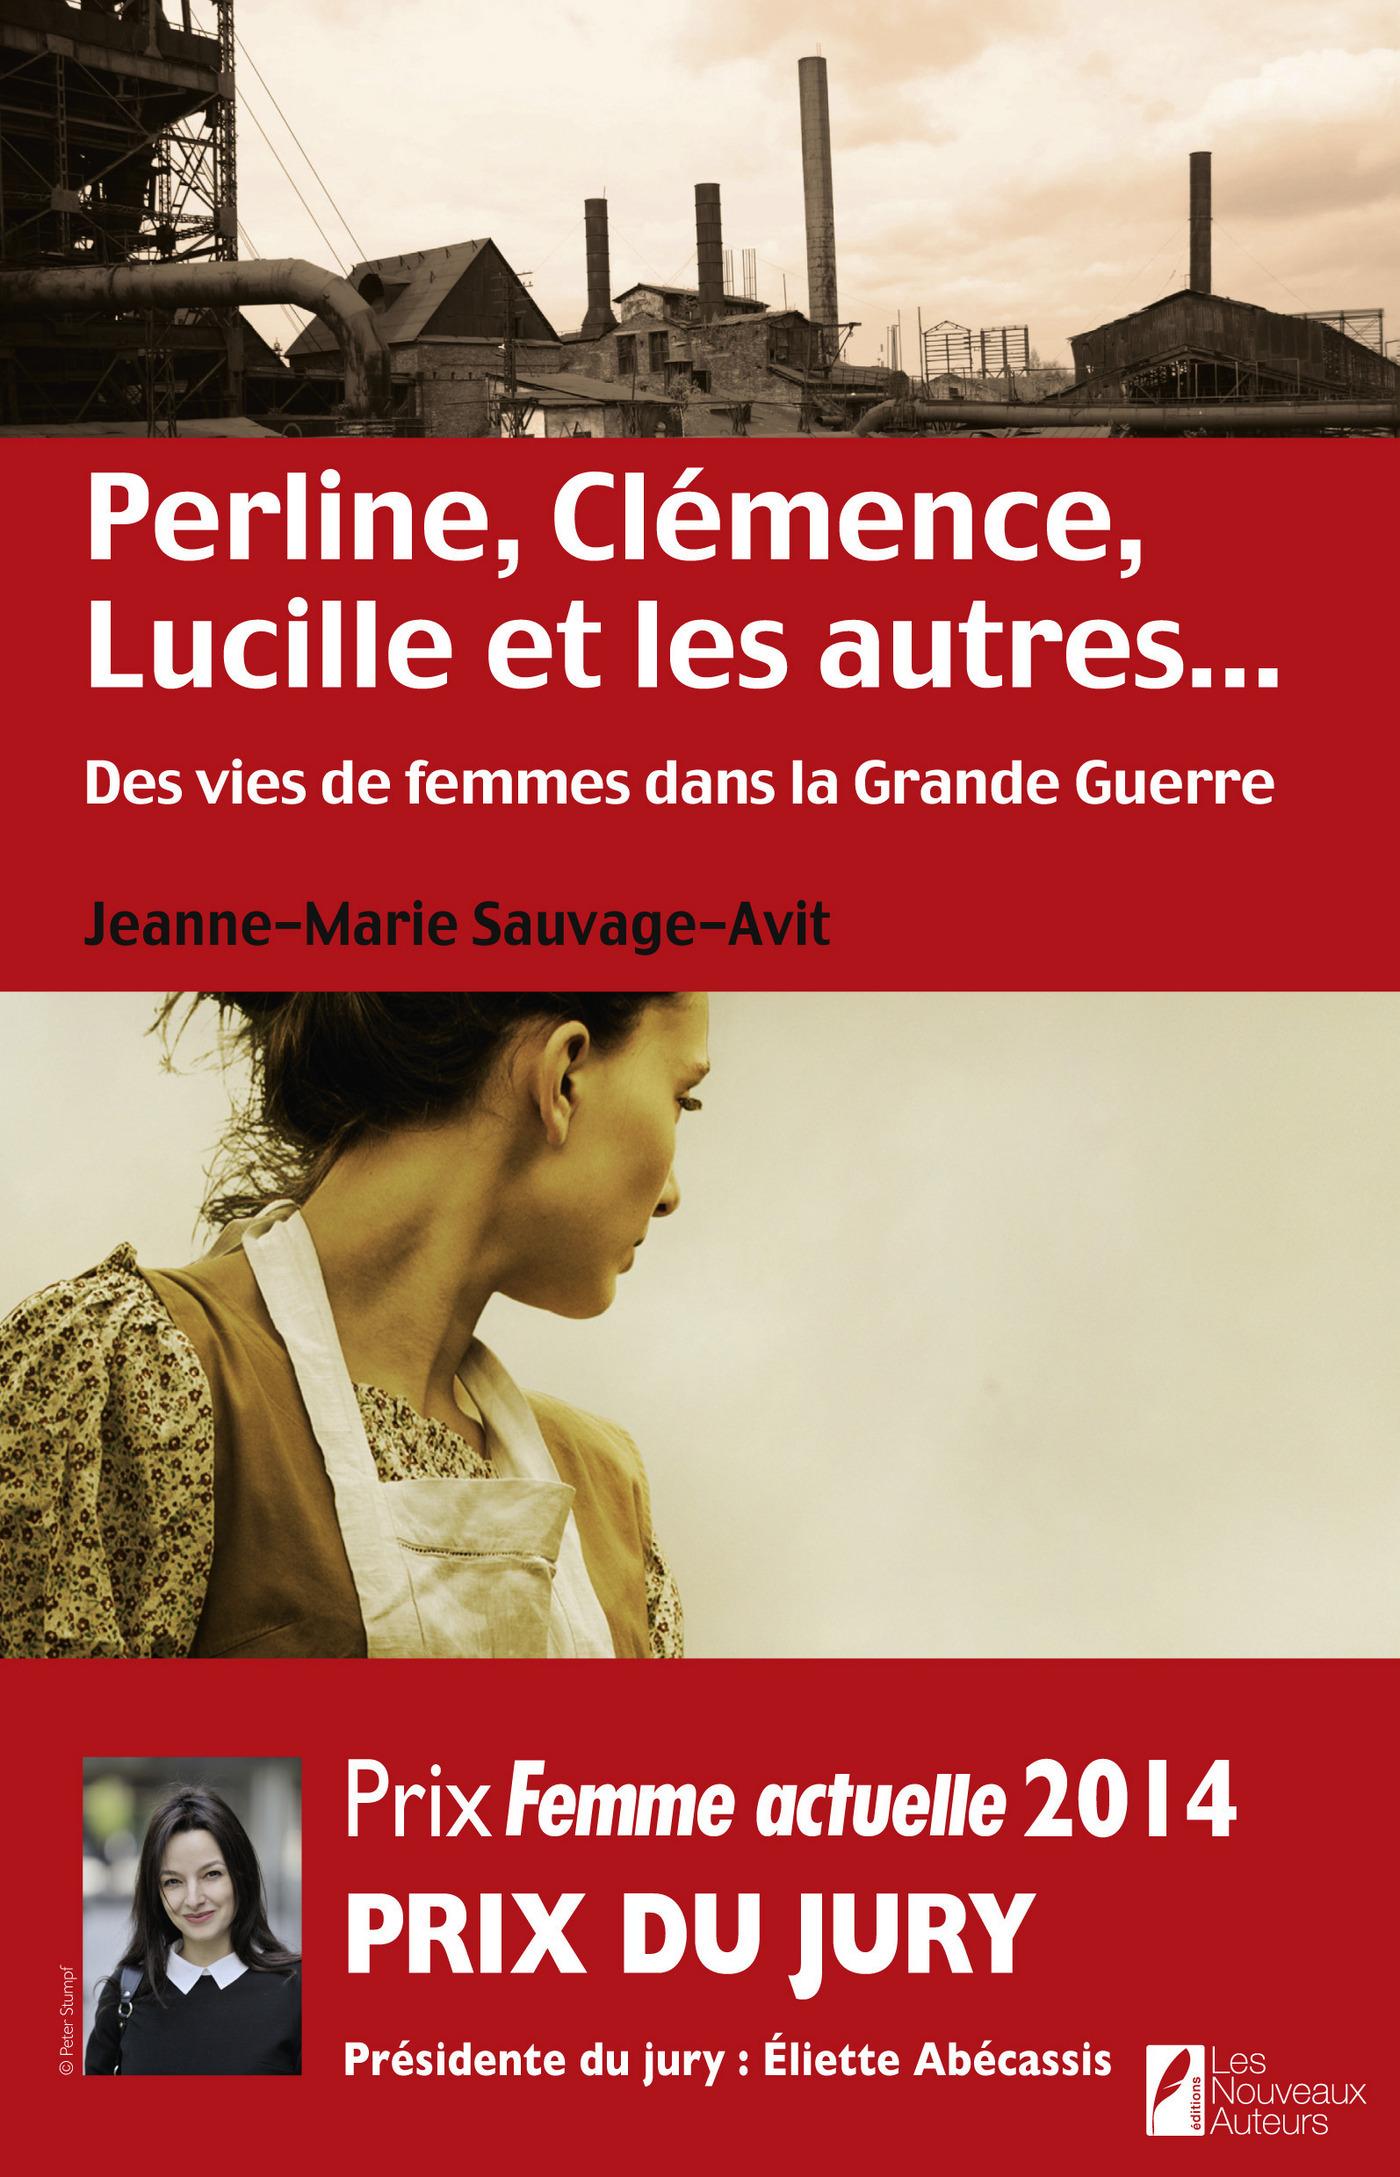 Perline, Clémence, Lucille et les autres... Des vies de femme dans la Grande Guerre